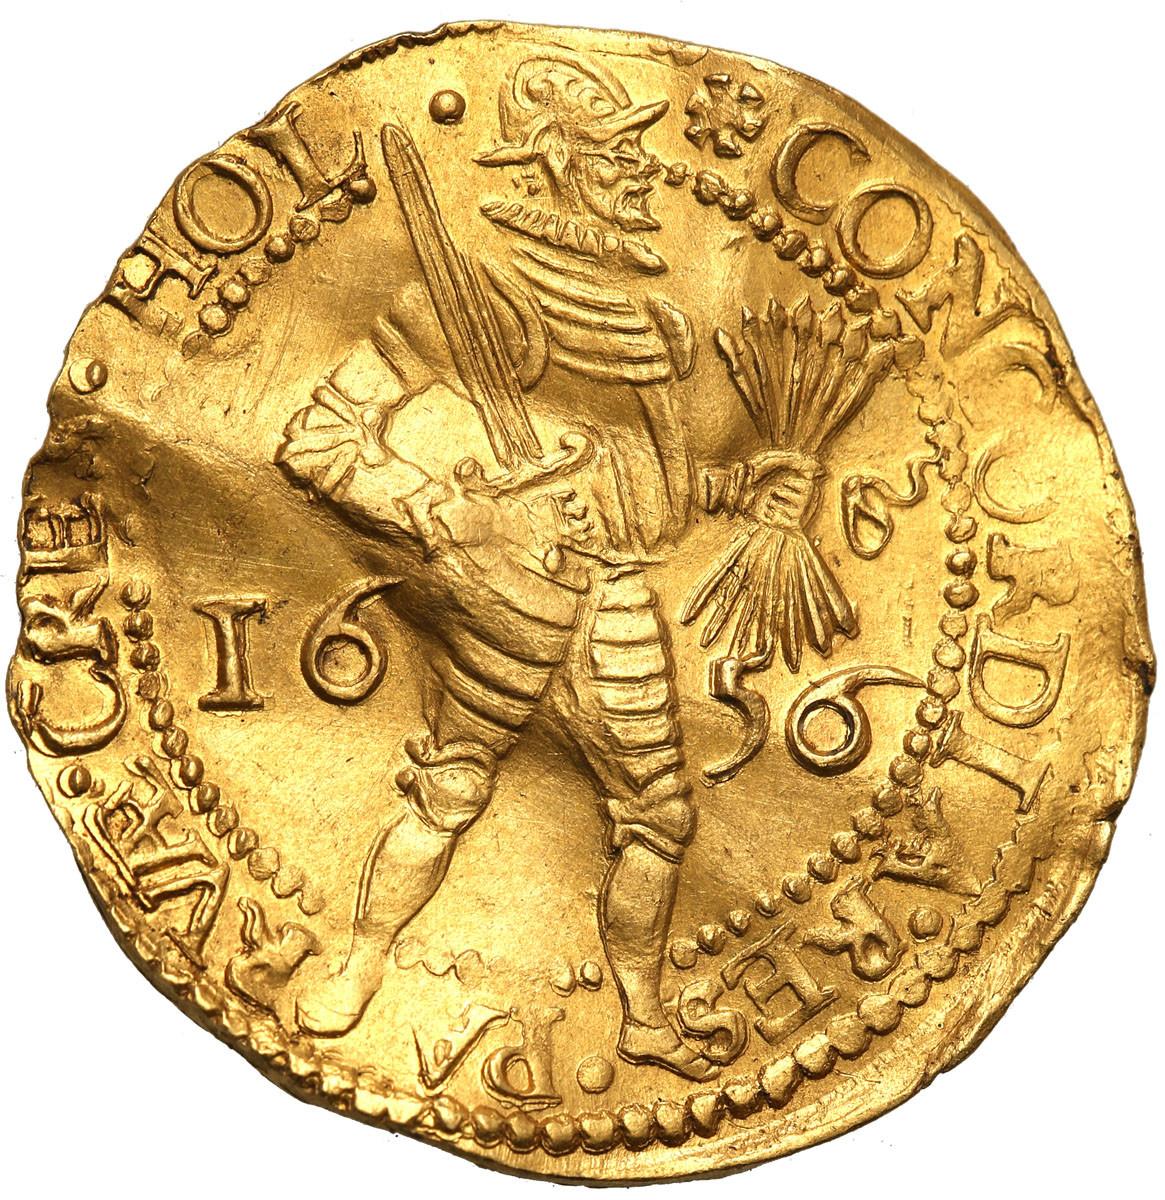 Niderlandy 2 dukaty 1656 st. 3+